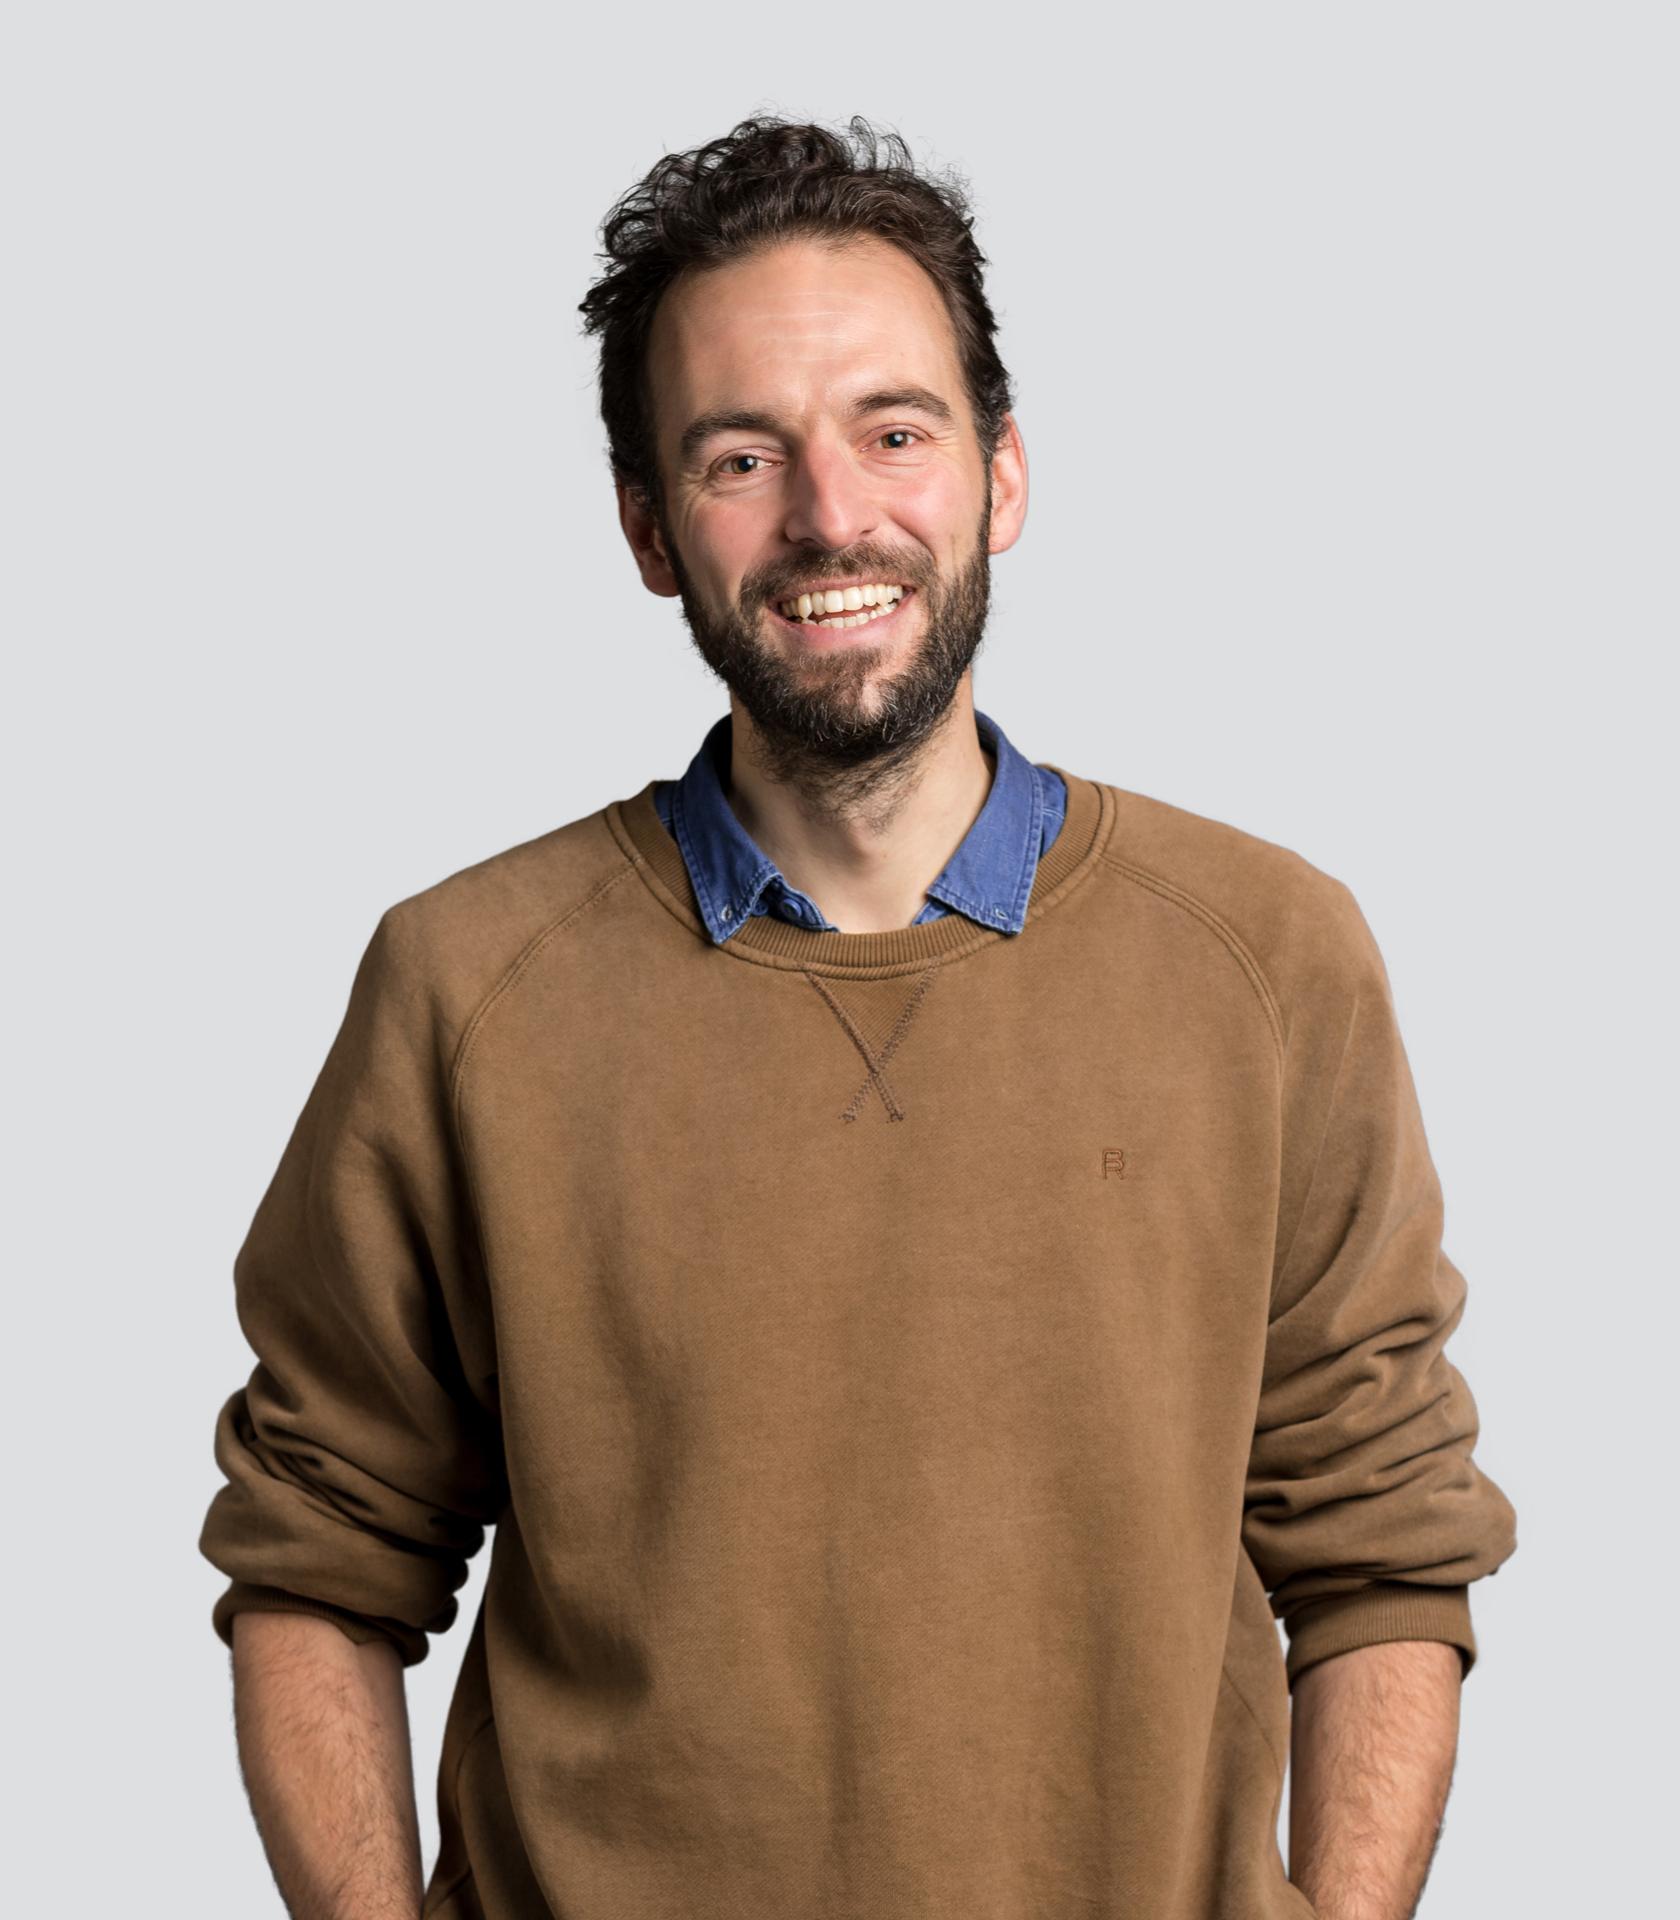 Johan Kruseman